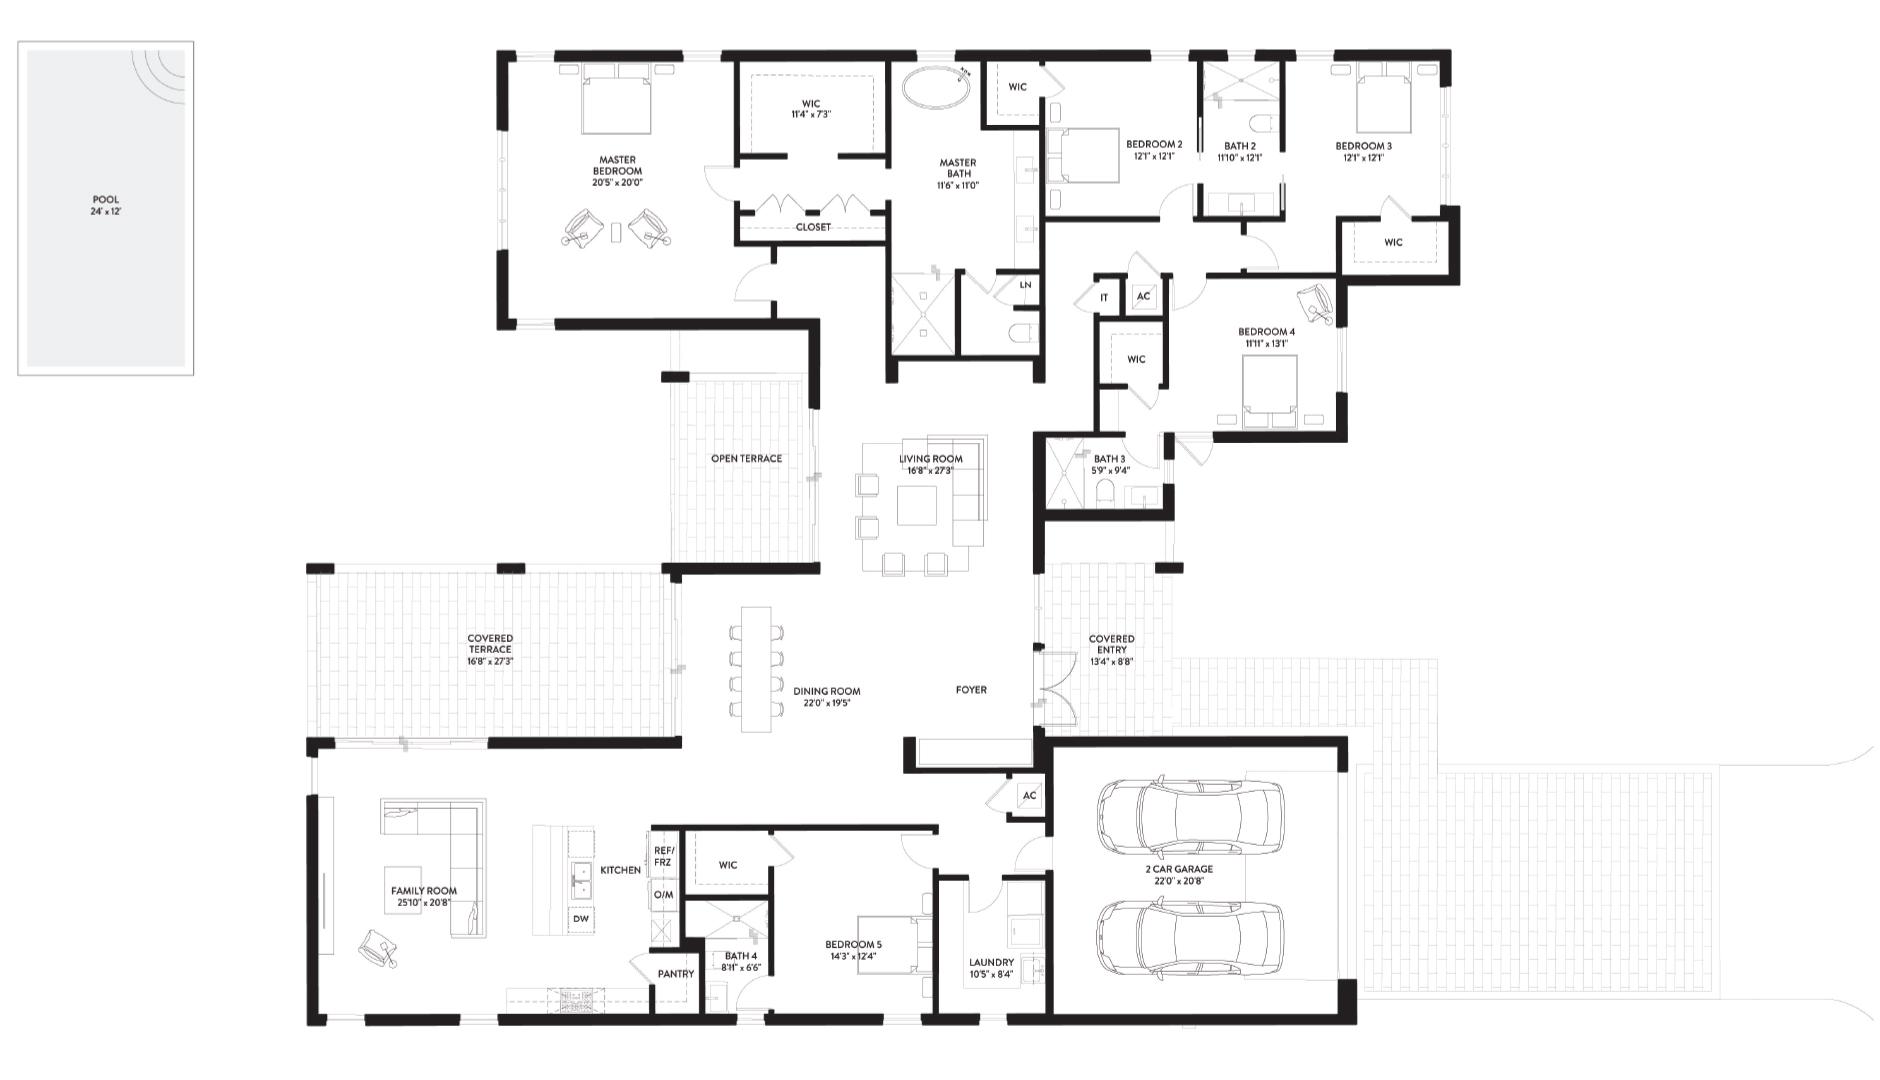 PPK P2 Floor 1